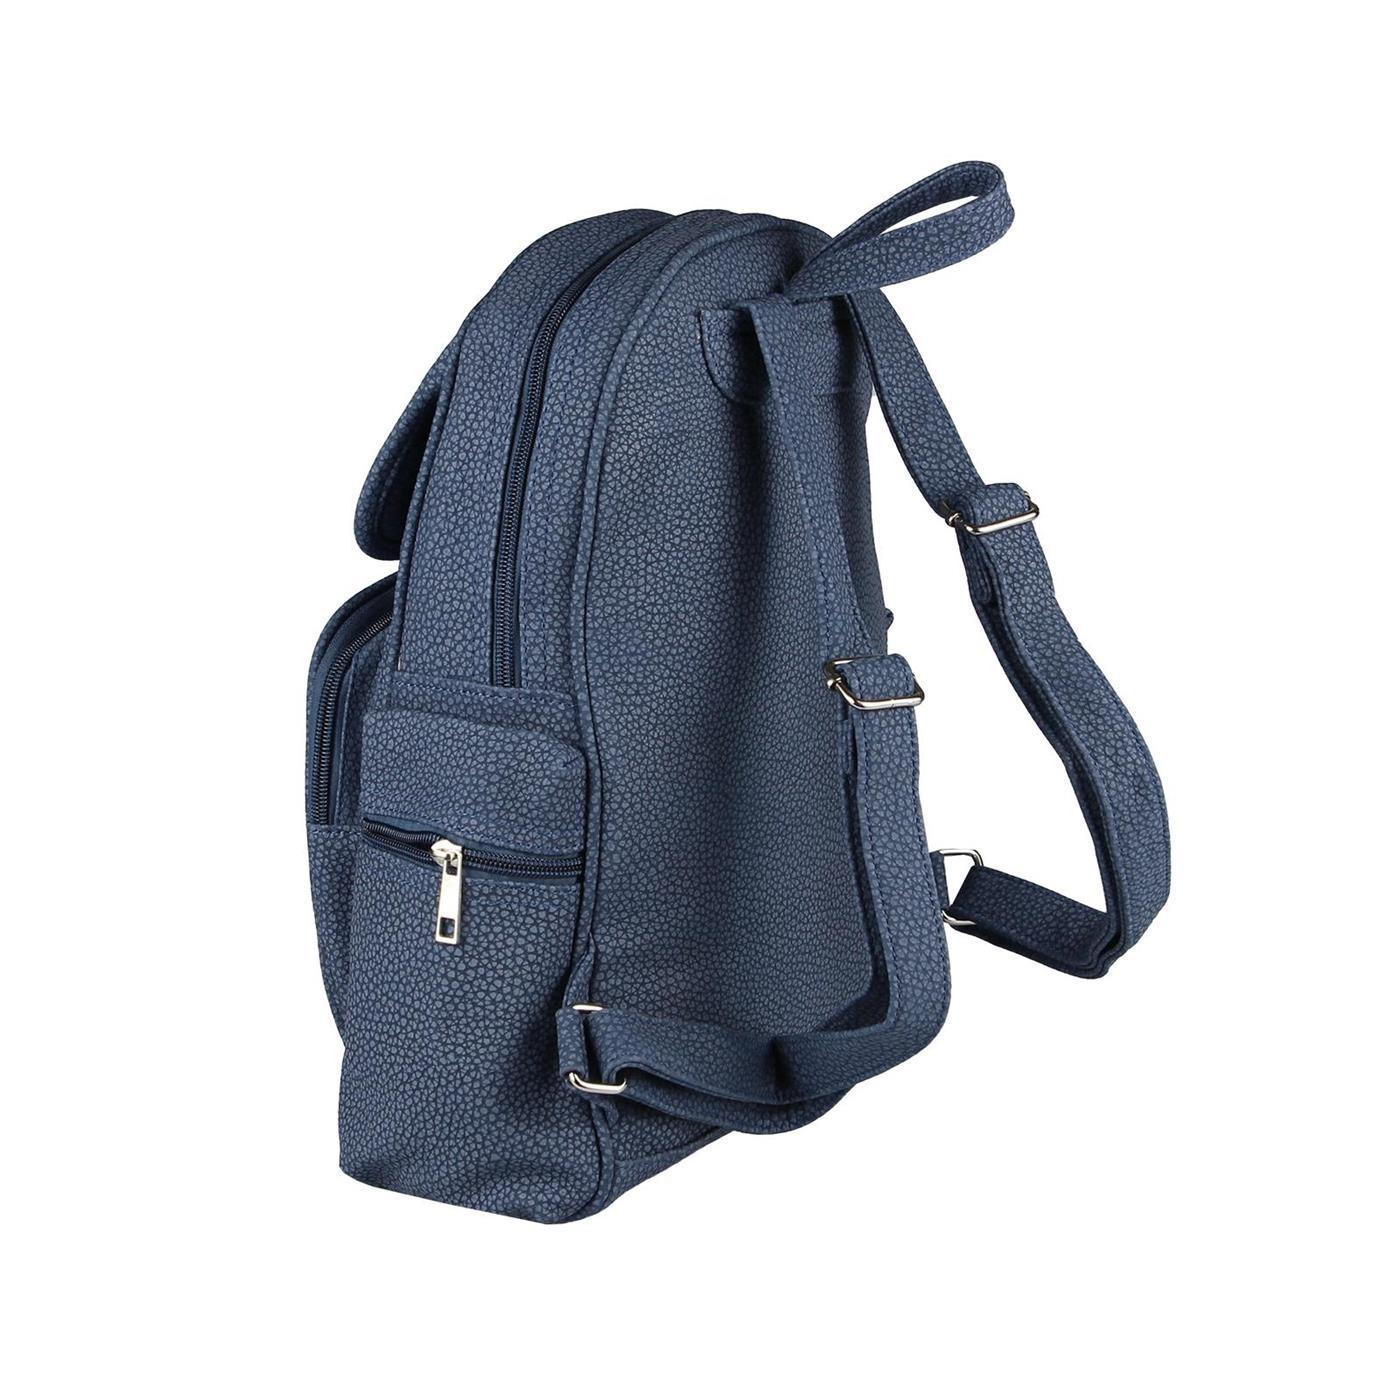 UNSEIX RUCKSACK STADT REISE Cityrucksack Schulter-tasche Backpack Leder Optik